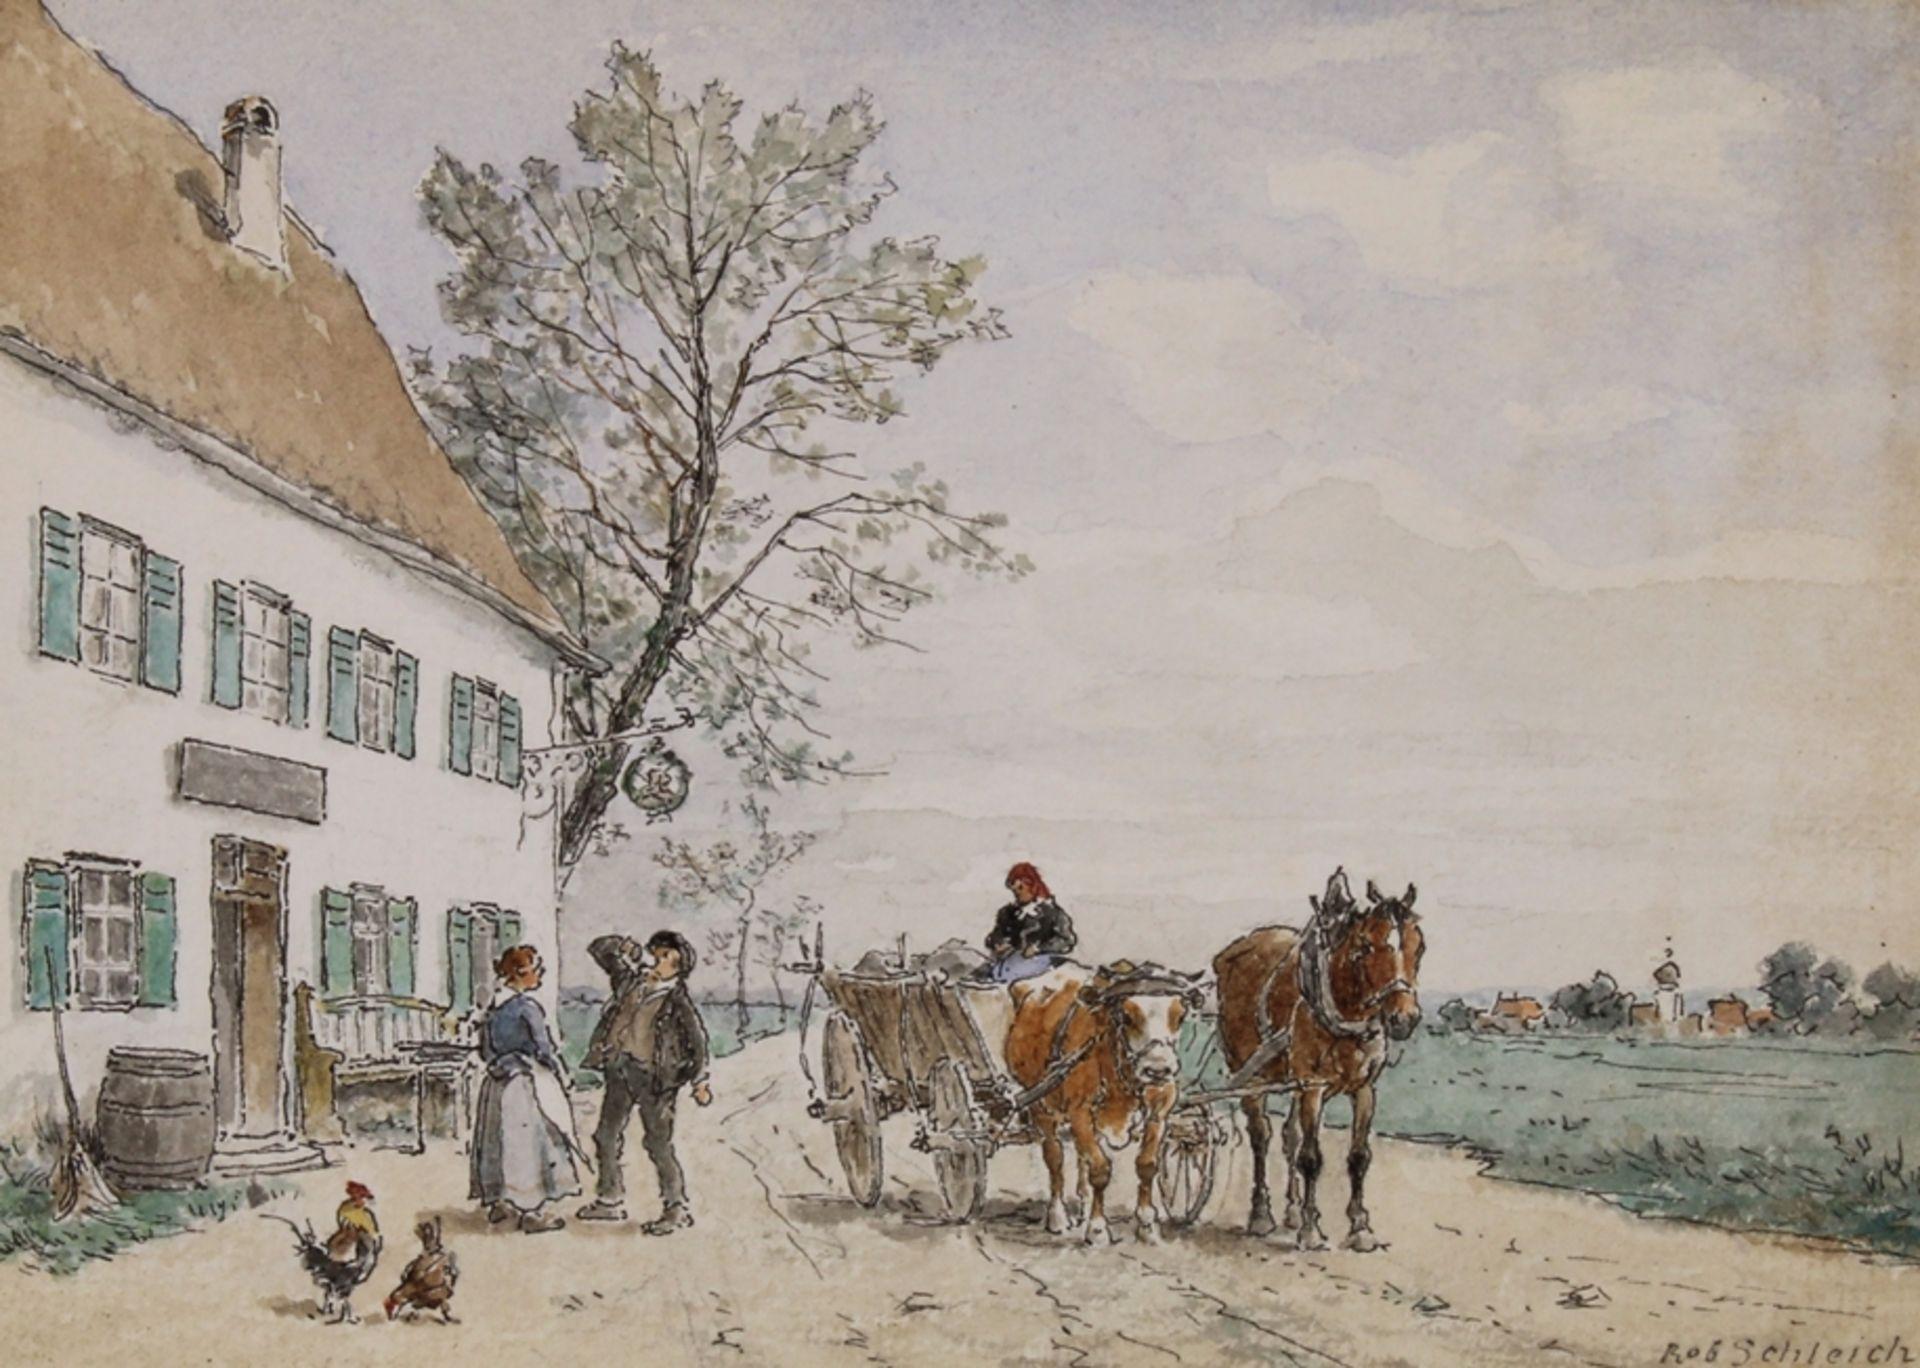 Schleich, Robert (München 1845 - 1934 ebda., Schüler Wilhelm von Diez', beeinflusst durch Eduard Sc